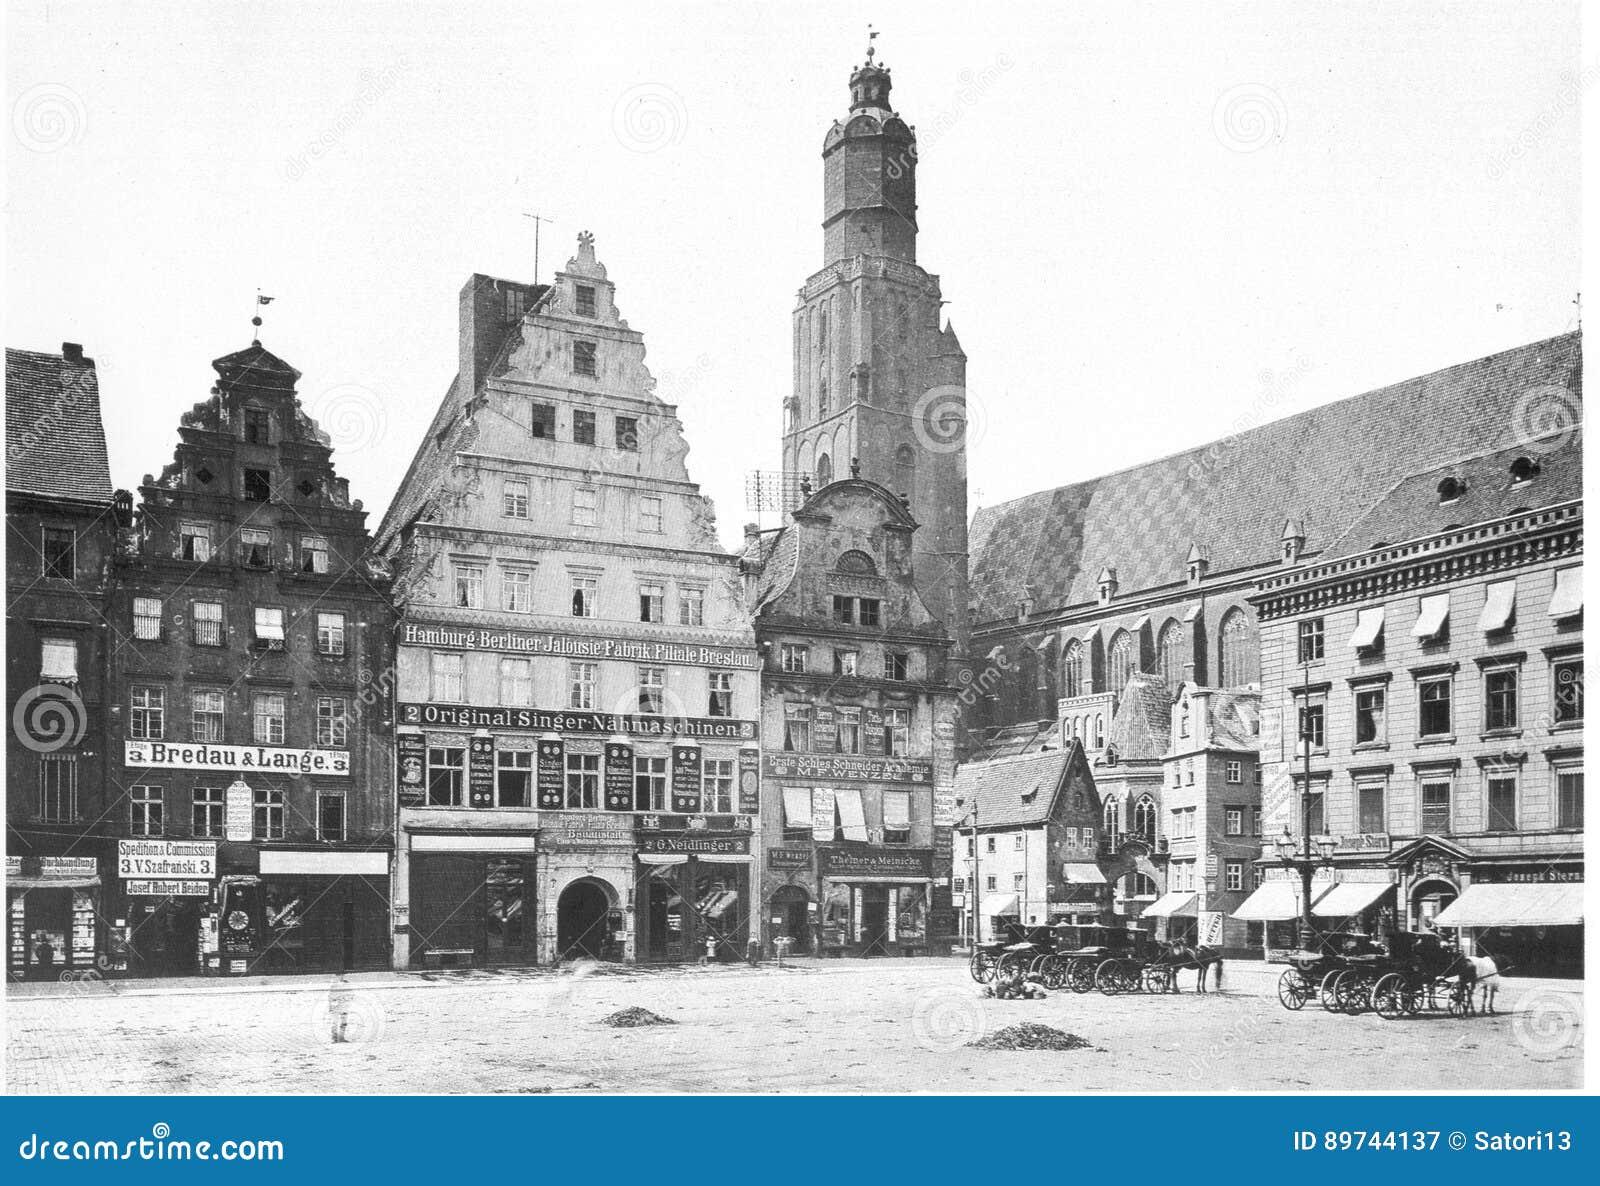 https://thumbs.dreamstime.com/z/fassaden-von-alten-historischen-wohnungen-auf-rynek-marktplatz-breslau-breslau-polen-89744137.jpg